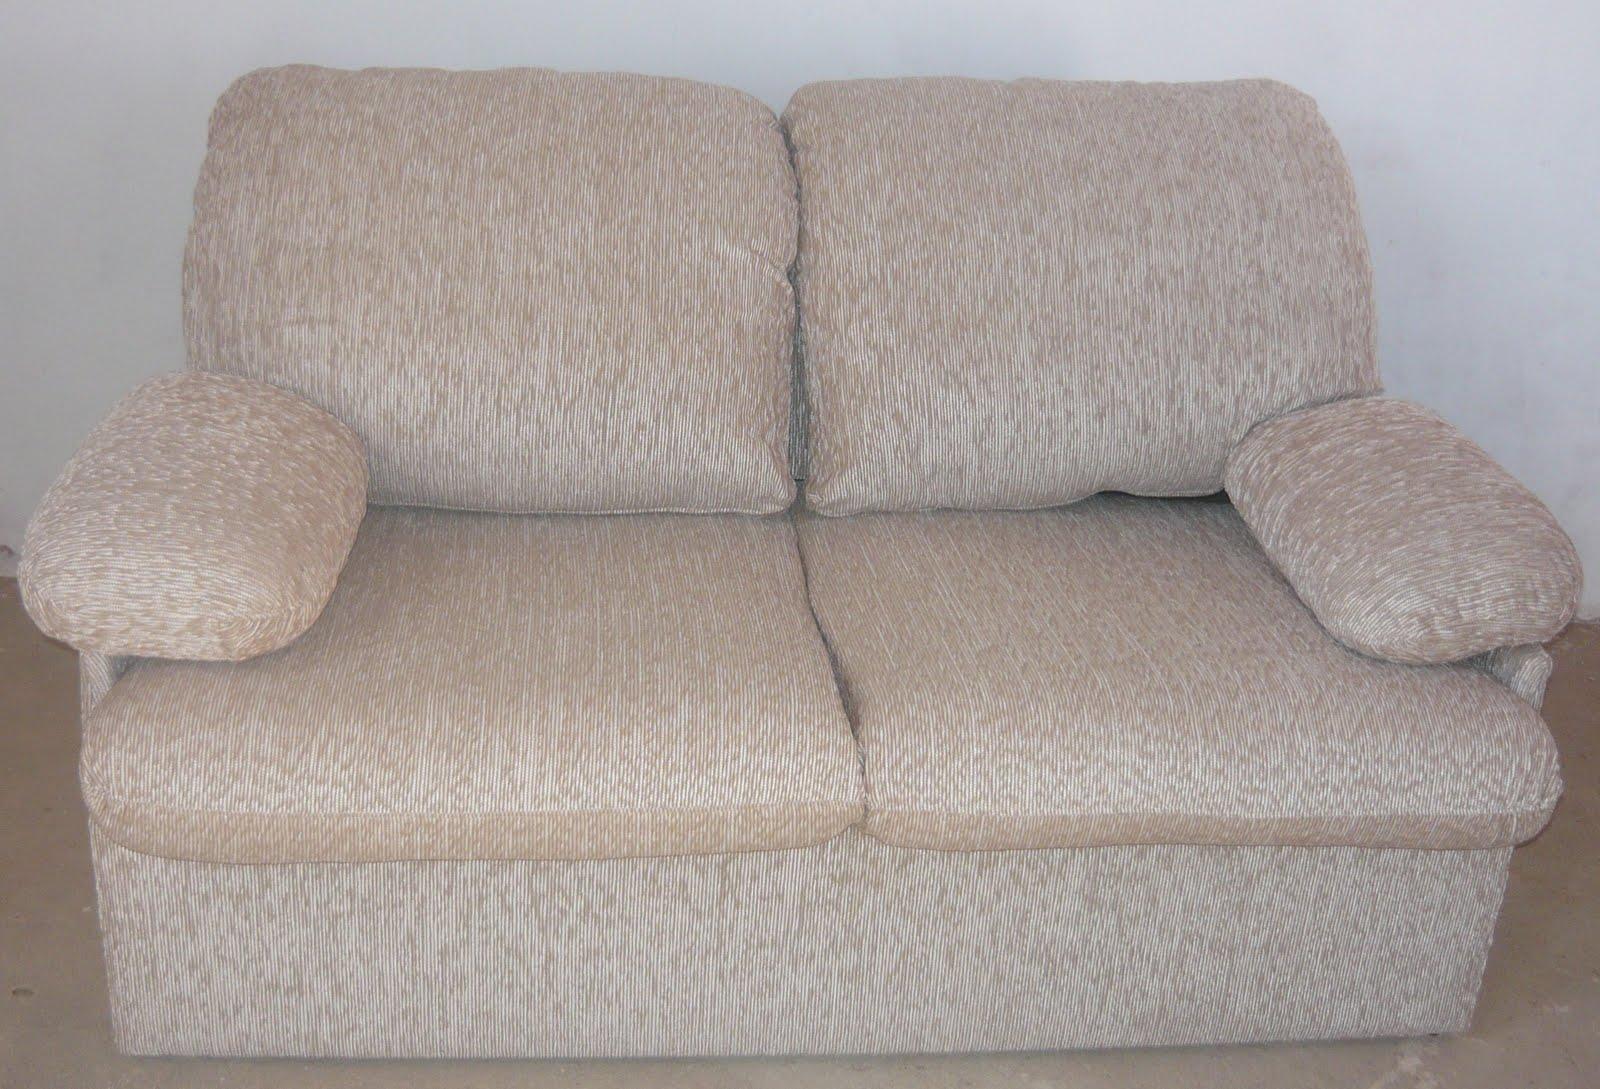 Estofados fergon sof cama de 02 lugares em chenile bege for Sofa 02 lugares